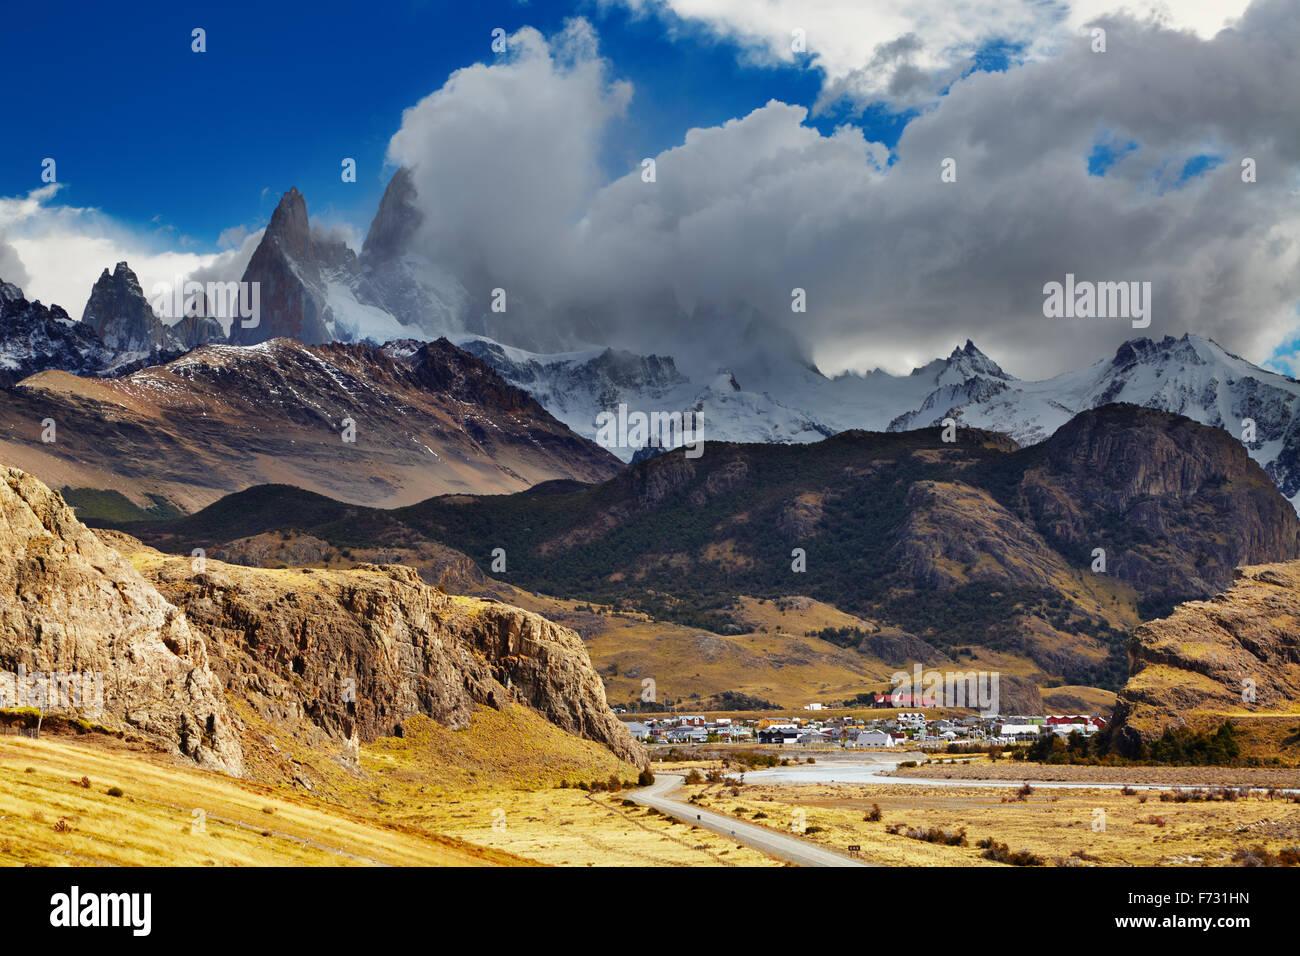 El Chalten è un piccolo paese vicino al monte Fitz Roy; il trekking capitale argentina Immagini Stock